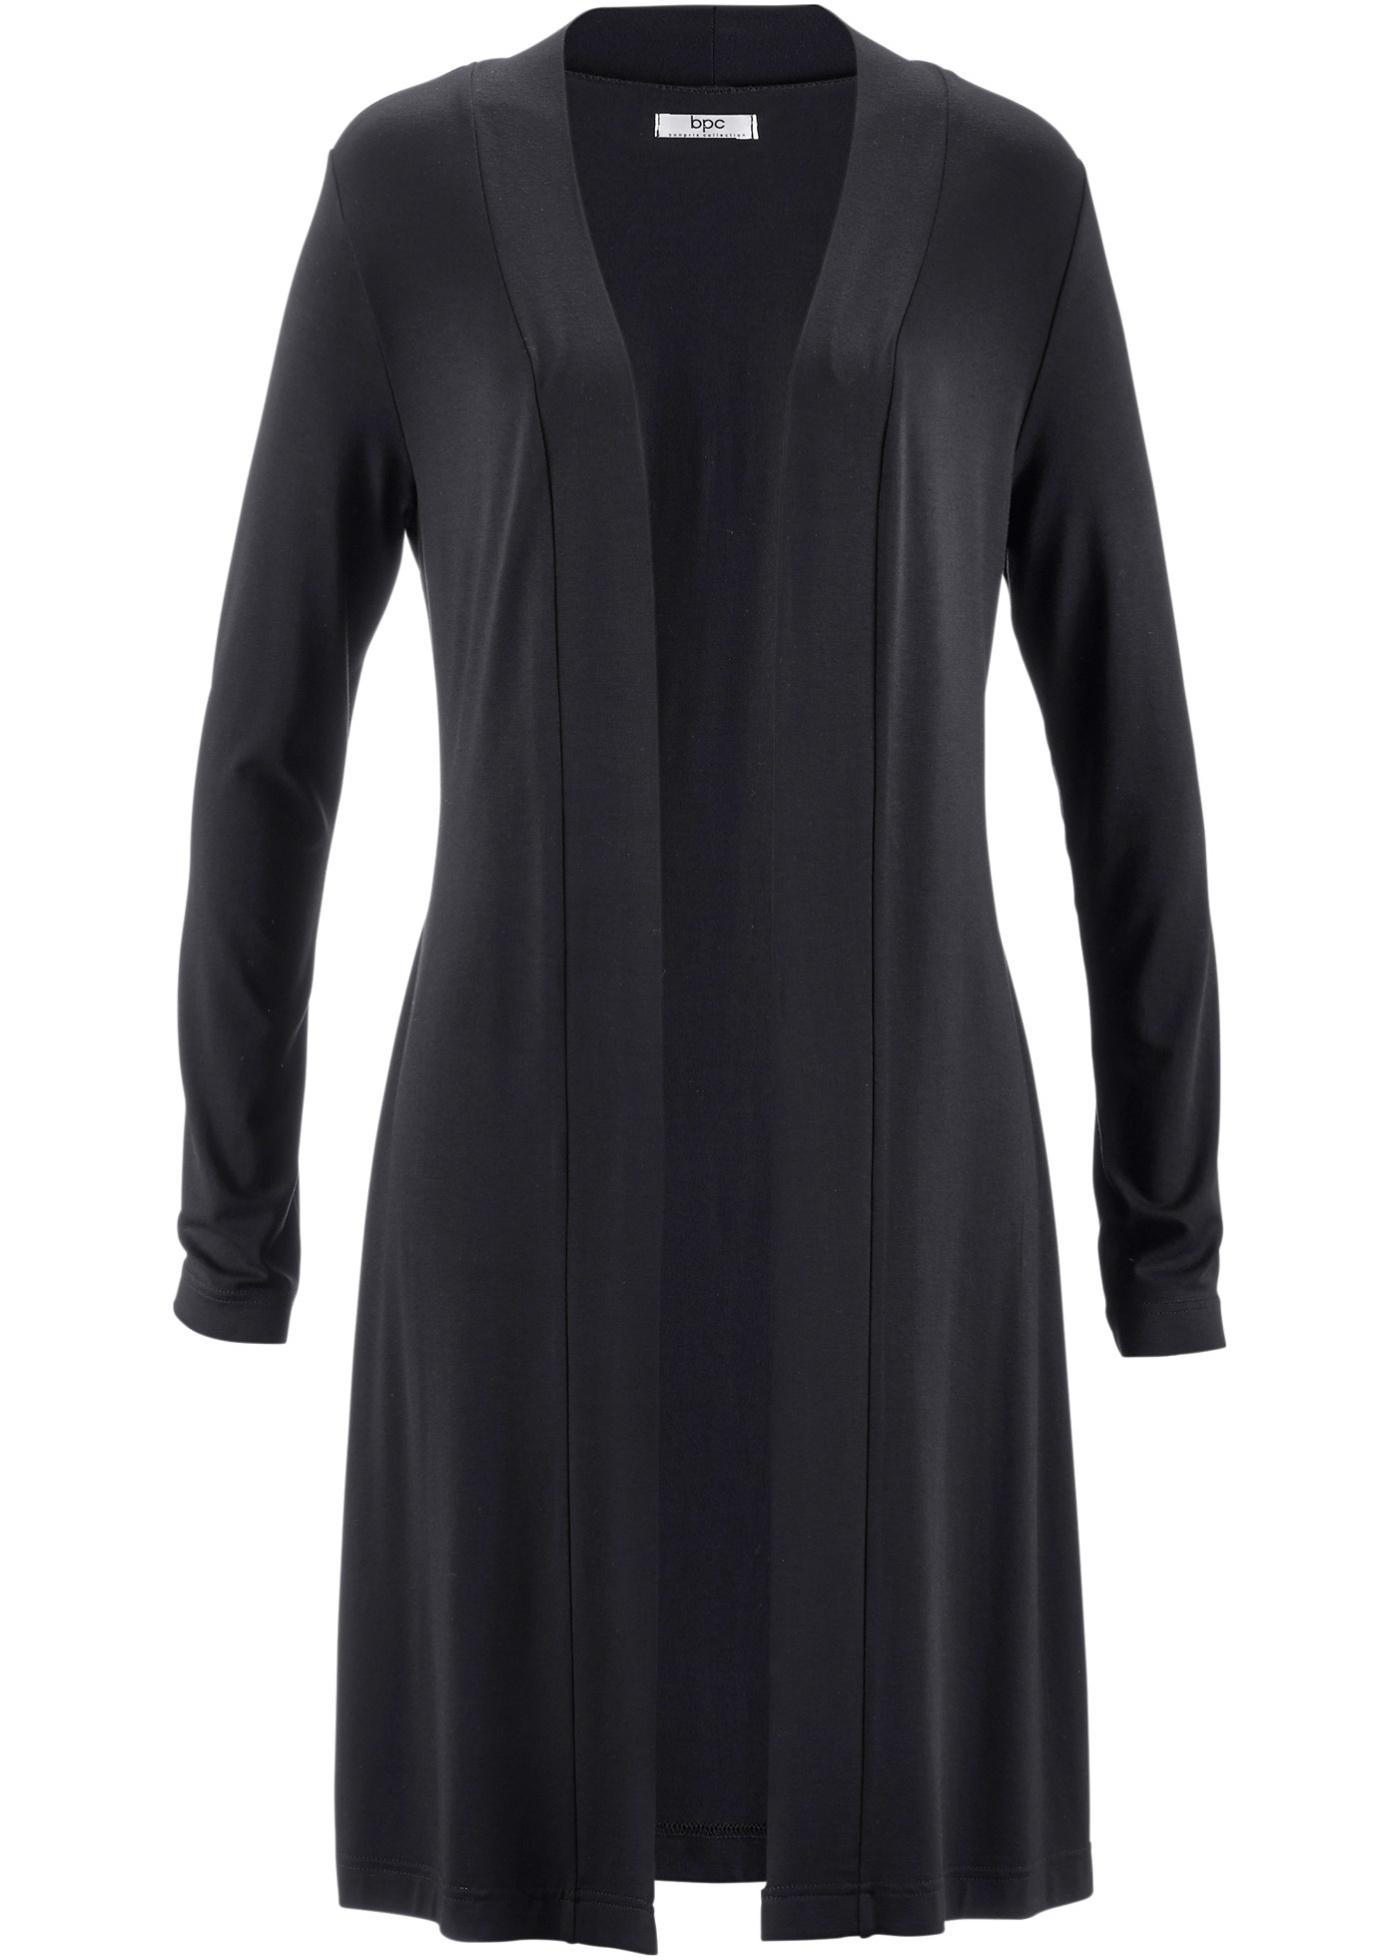 Longues Noir Long Fluide Pour Bonprix Manches Bpc CollectionGilet Femme R35LAjq4